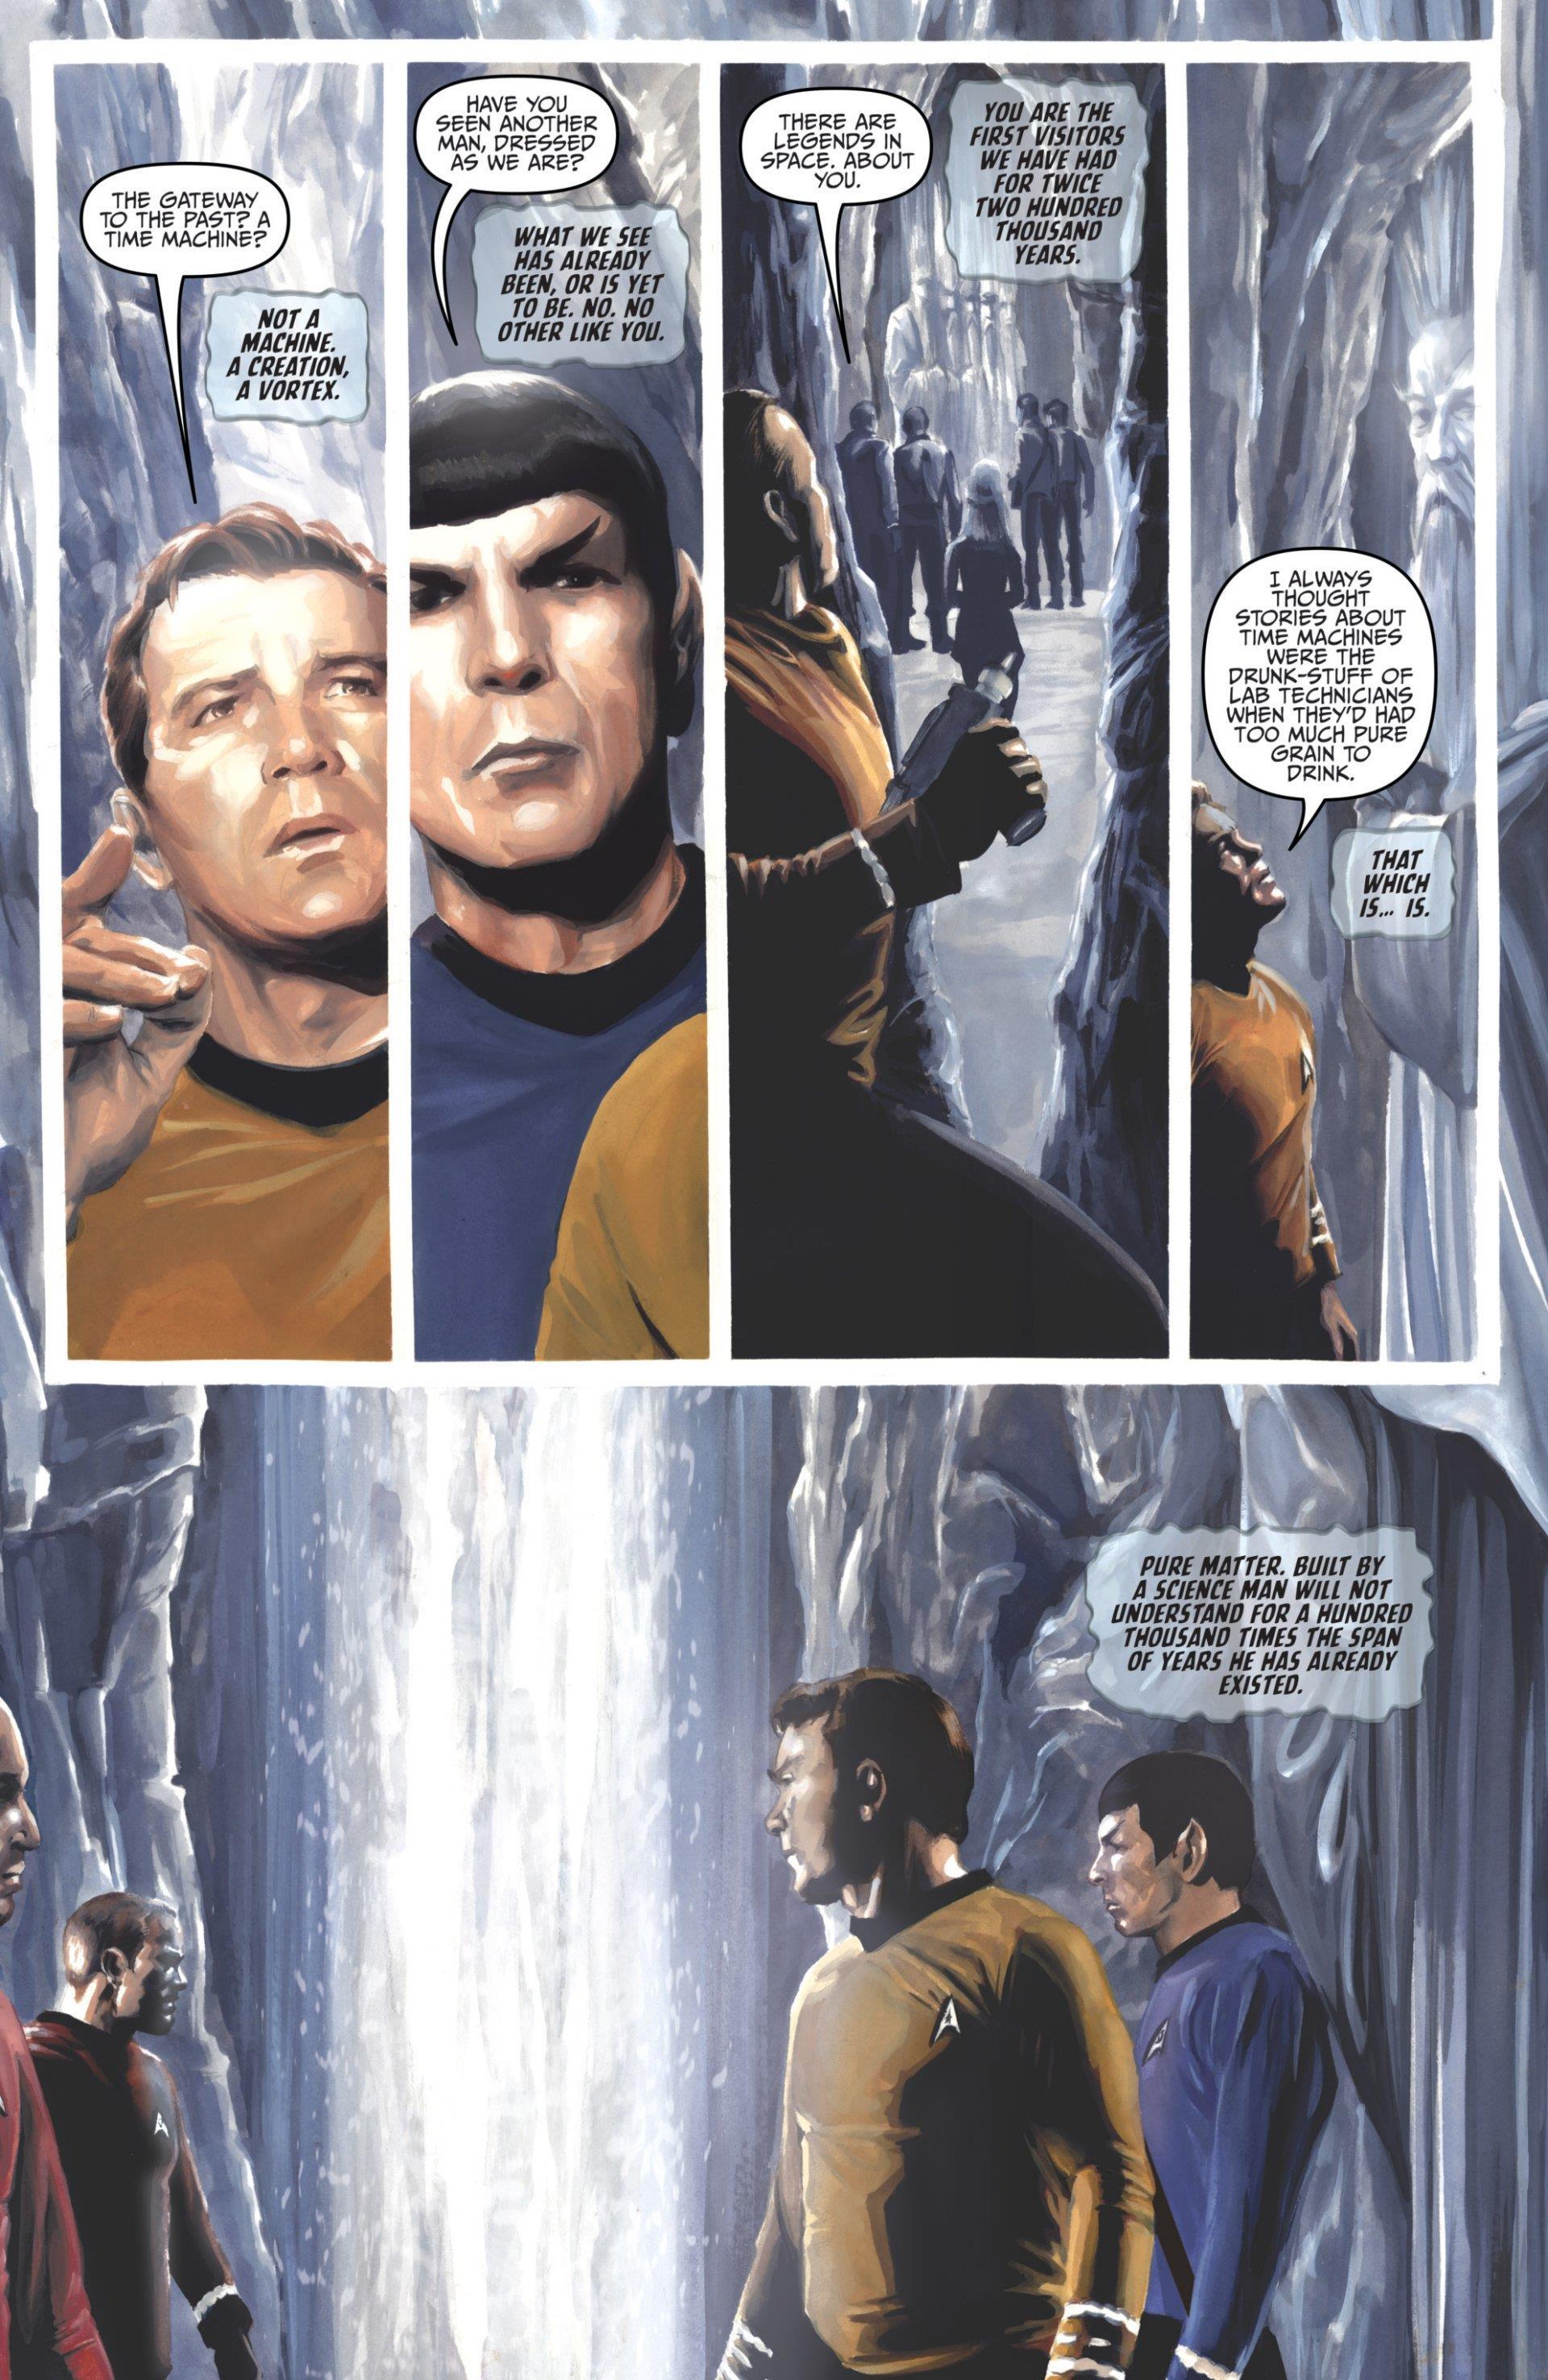 Star Trek - City on the Edge of Forever review